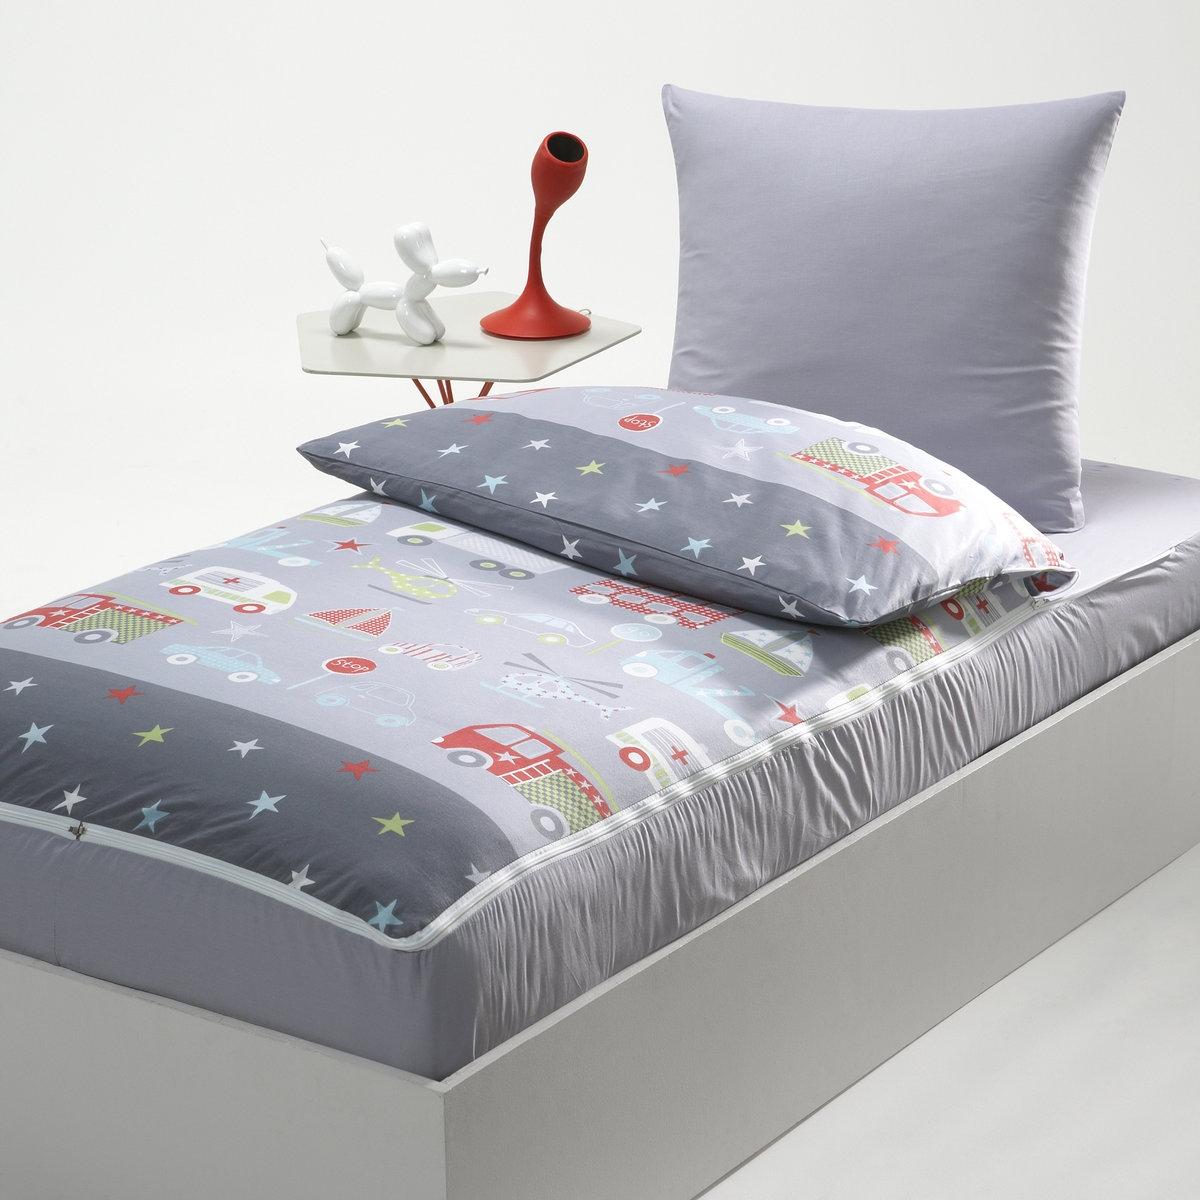 La Redoute Interieurs Комплект без одеяла готов ко сну с рисунком TRANSPORT